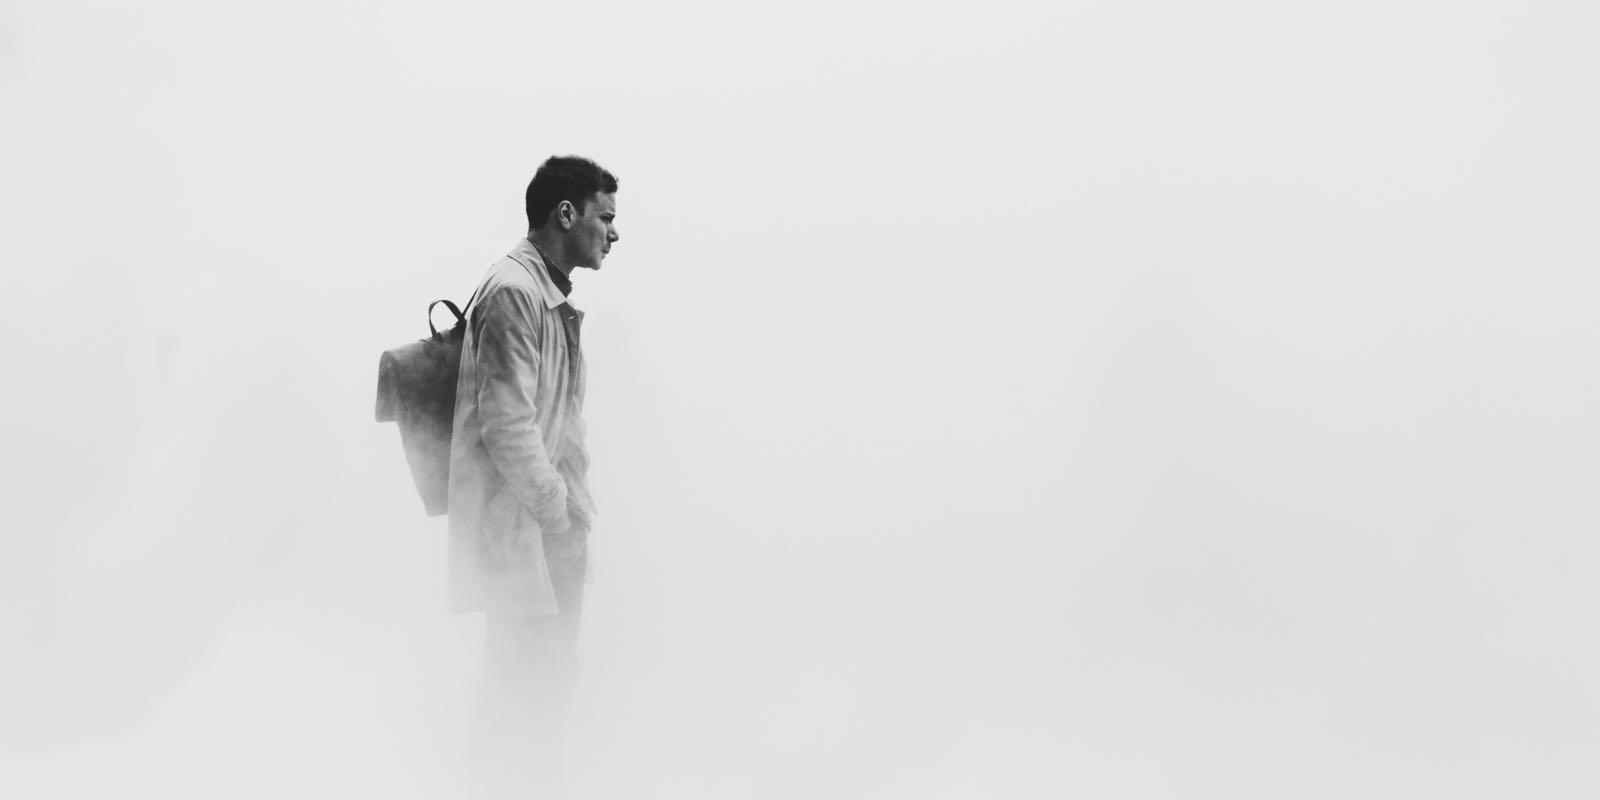 Truyện ngắn của Benedict Wells (Đức): Cuộc đi dạo - 1